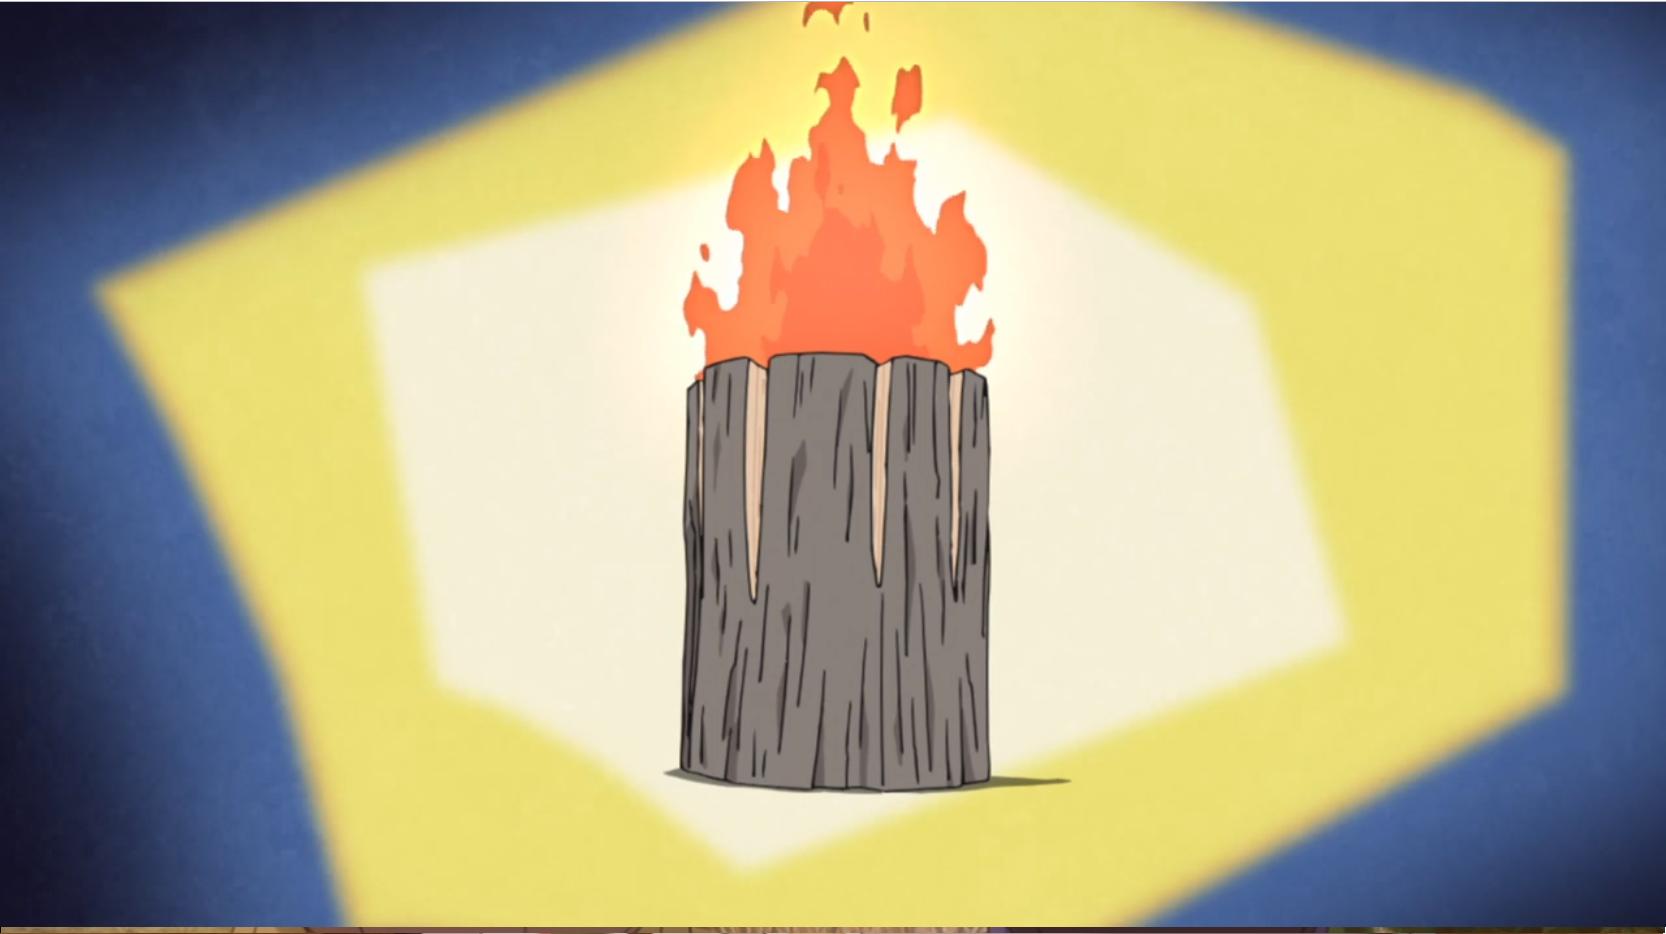 アニメ『ゆるキャン△』5話のウッドキャンドルの作り方